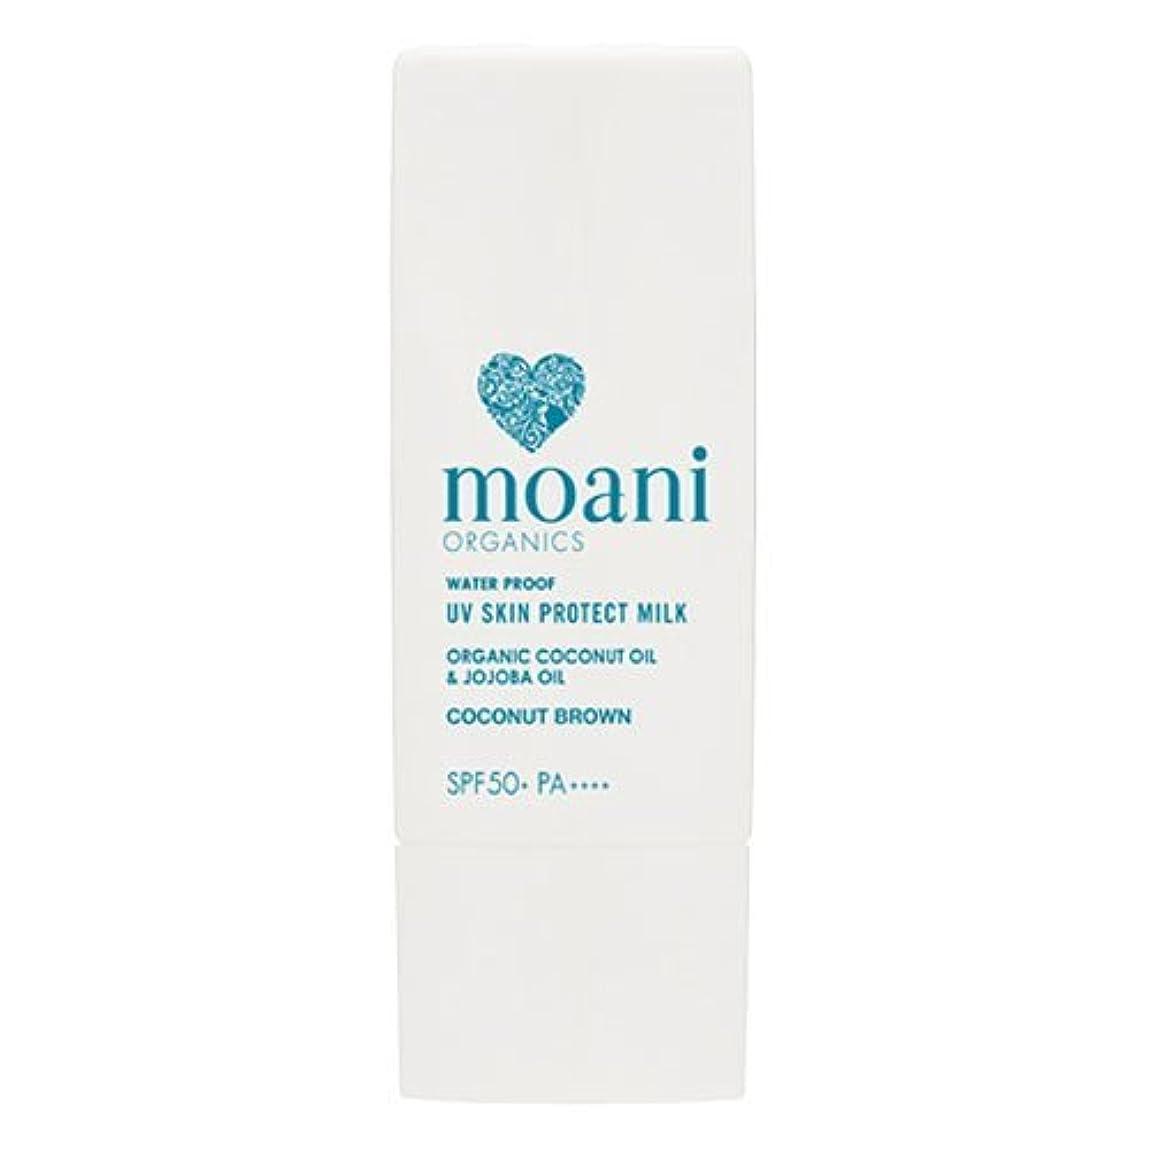 国勢調査次顕著moani organics UV SKIN PROTECT MILK coconut brown(顔用日焼け止め)